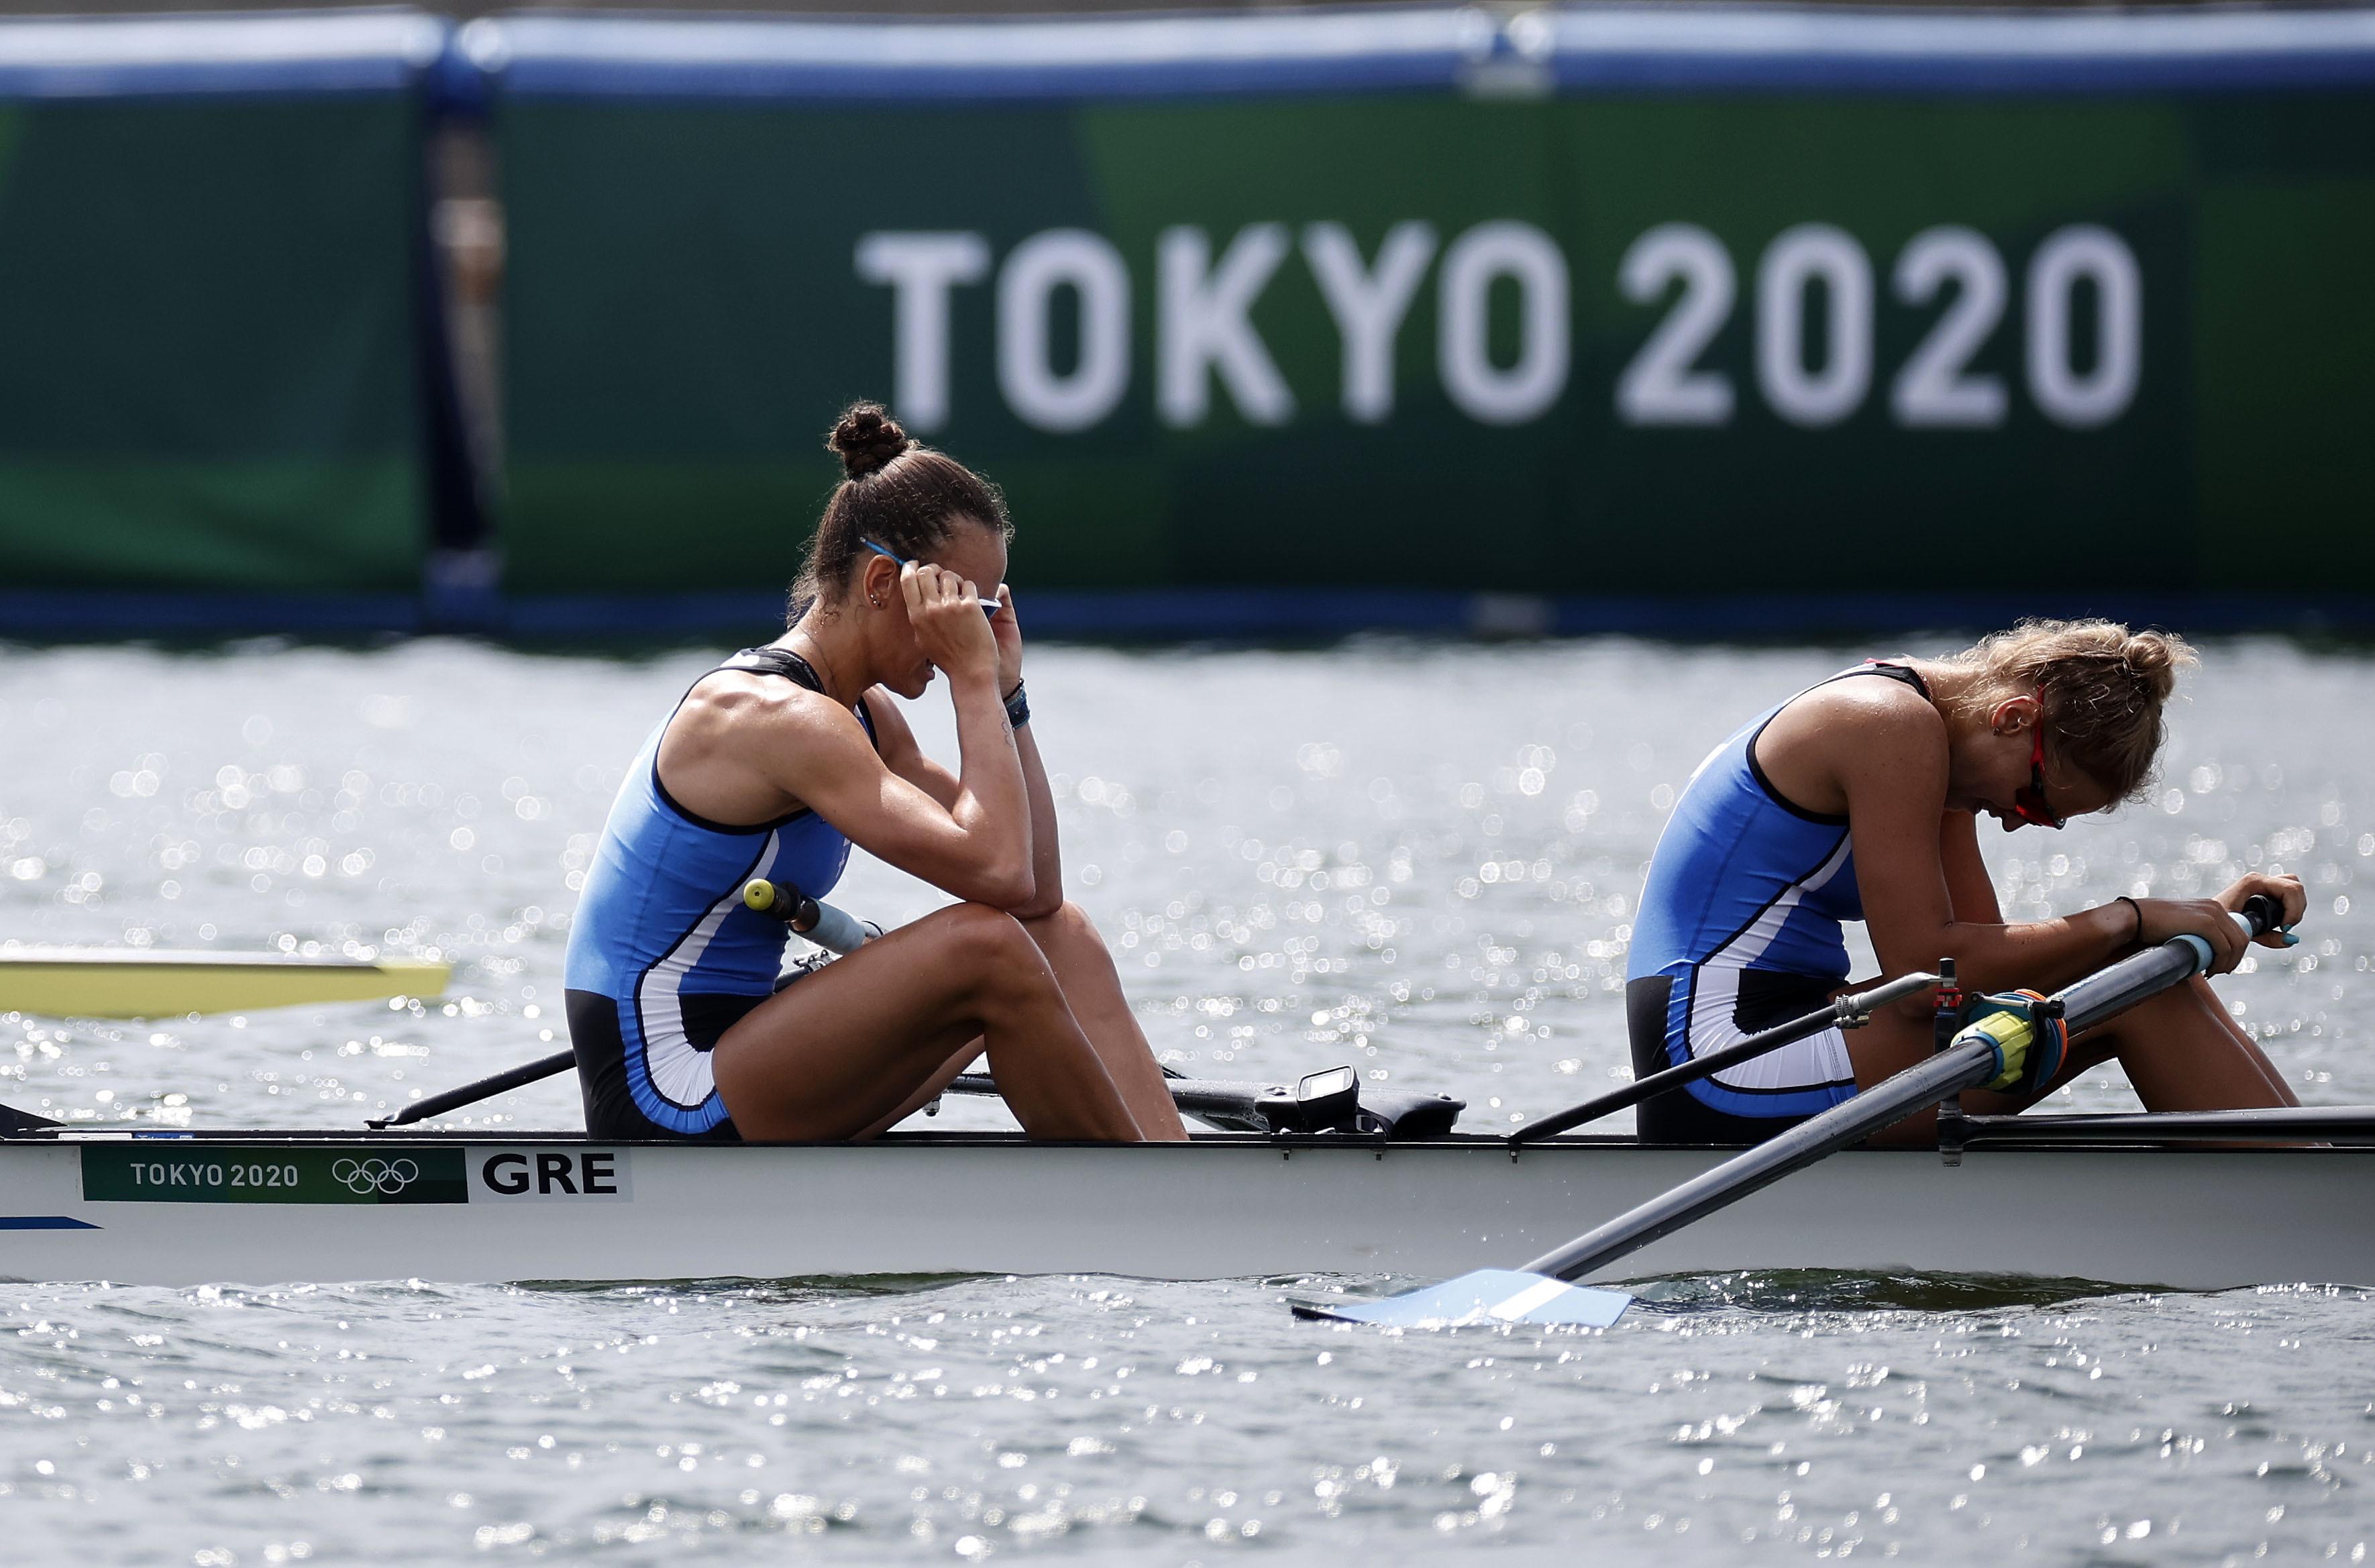 Ολυμπιακοί Αγώνες: Εκτός βάθρου Κυρίδου-Μπούρμπου (video)